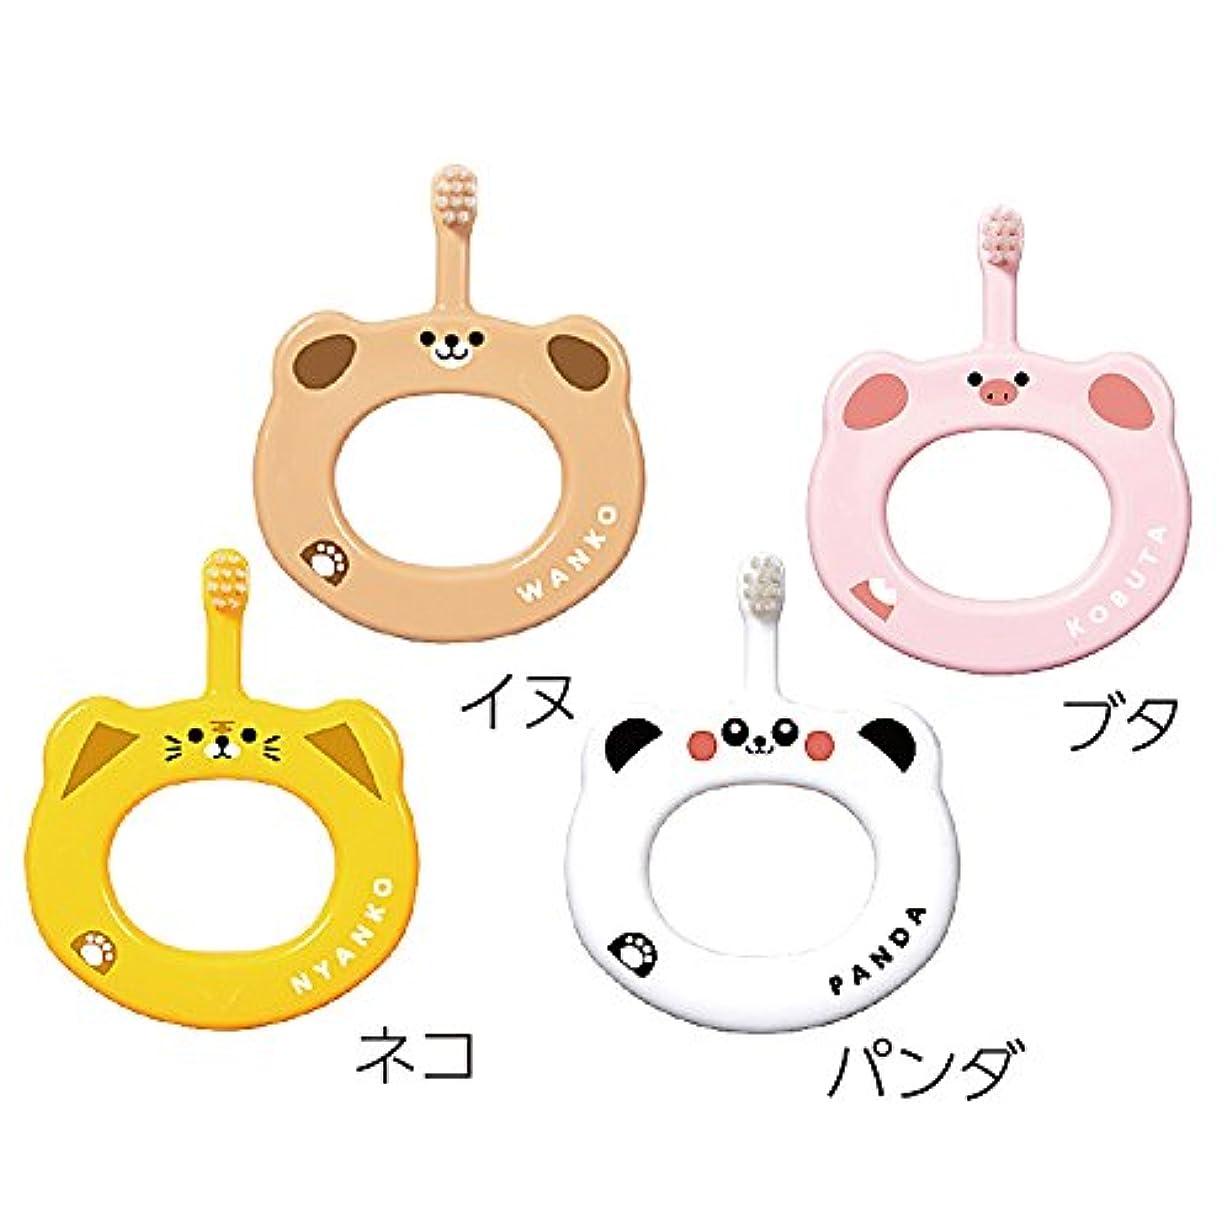 心配する添加剤締めるCi ベビー 歯ブラシ 動物柄 リング 4本セット (ブタ、パンダ、ネコ、イヌ)